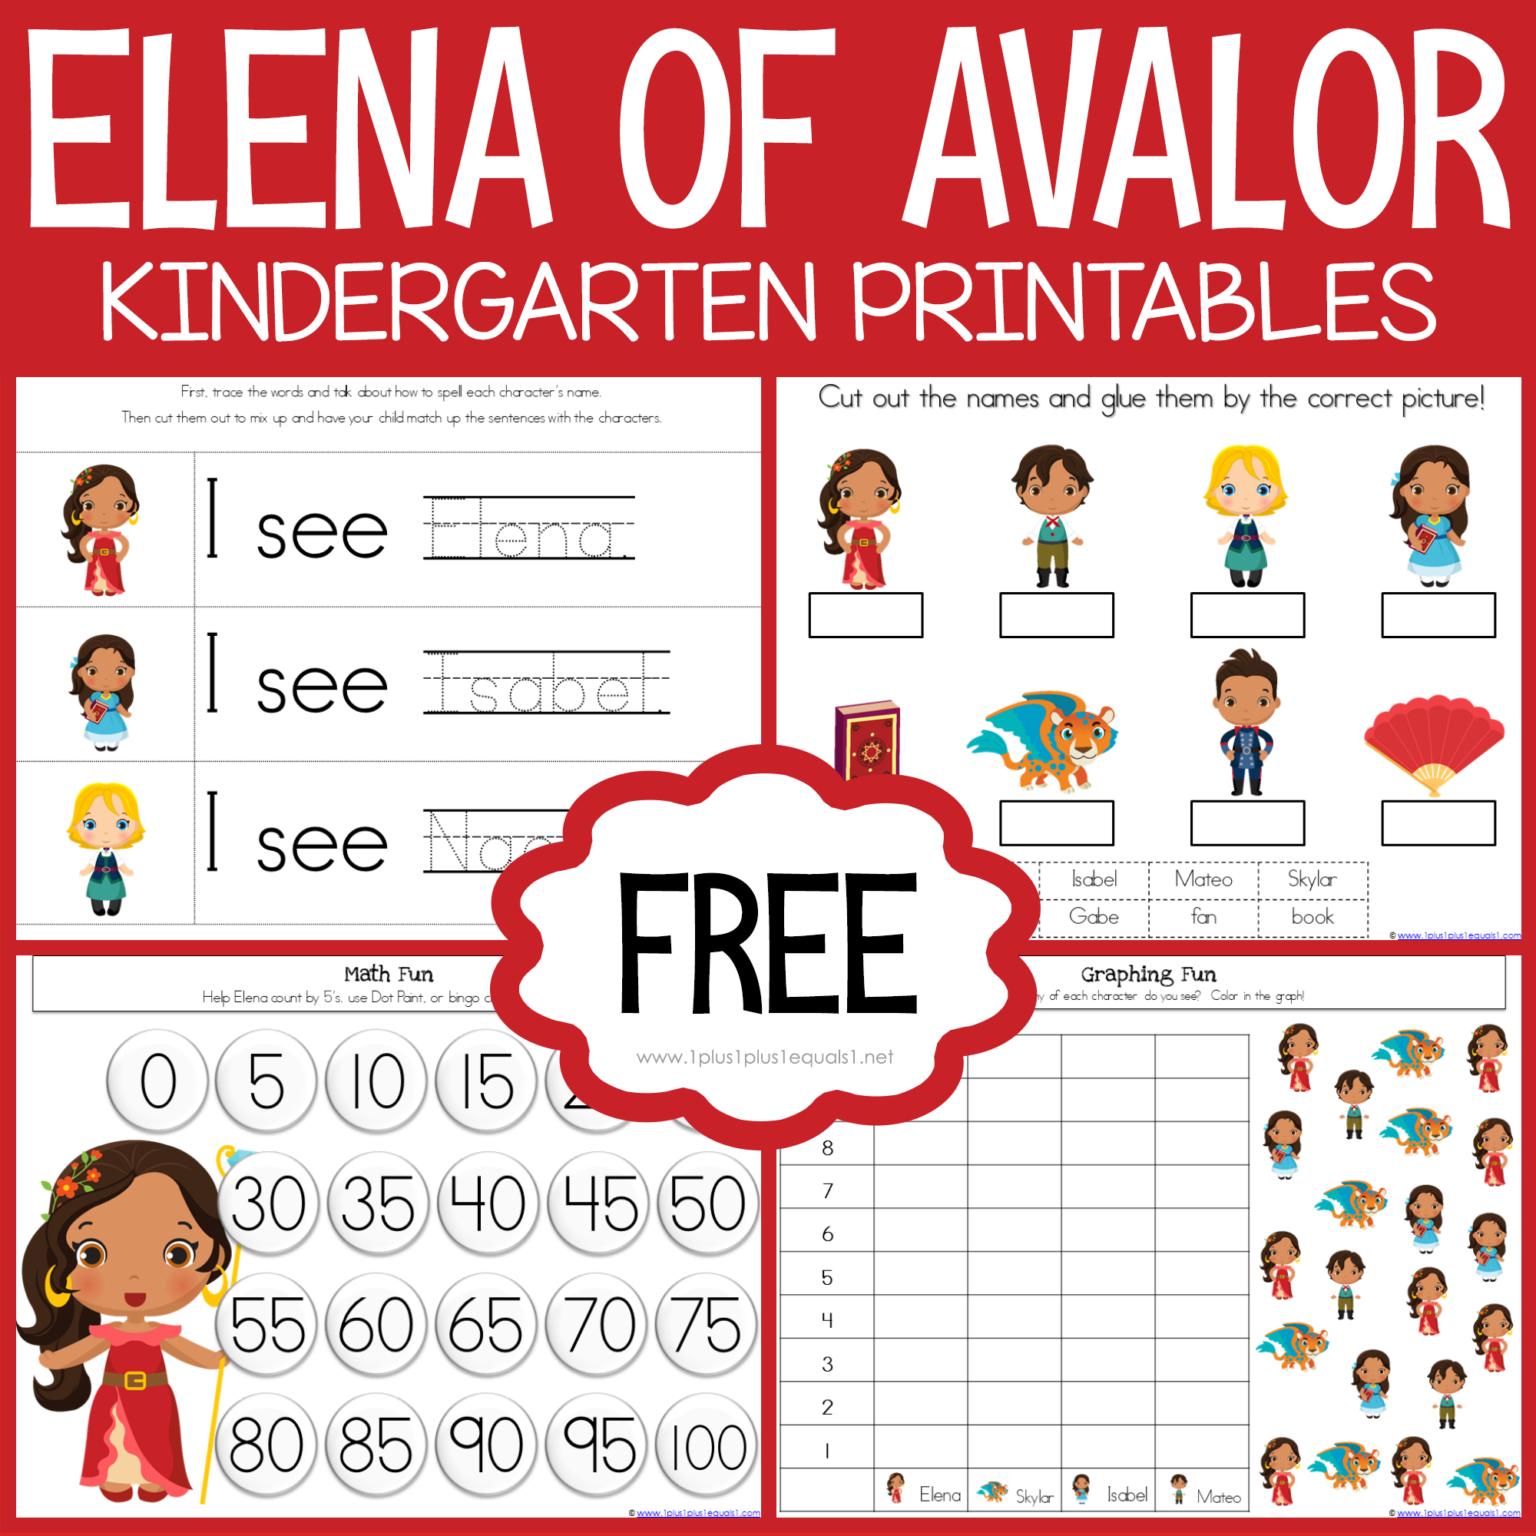 Free Elena Of Avalor Kindergarten Printables Loads Of